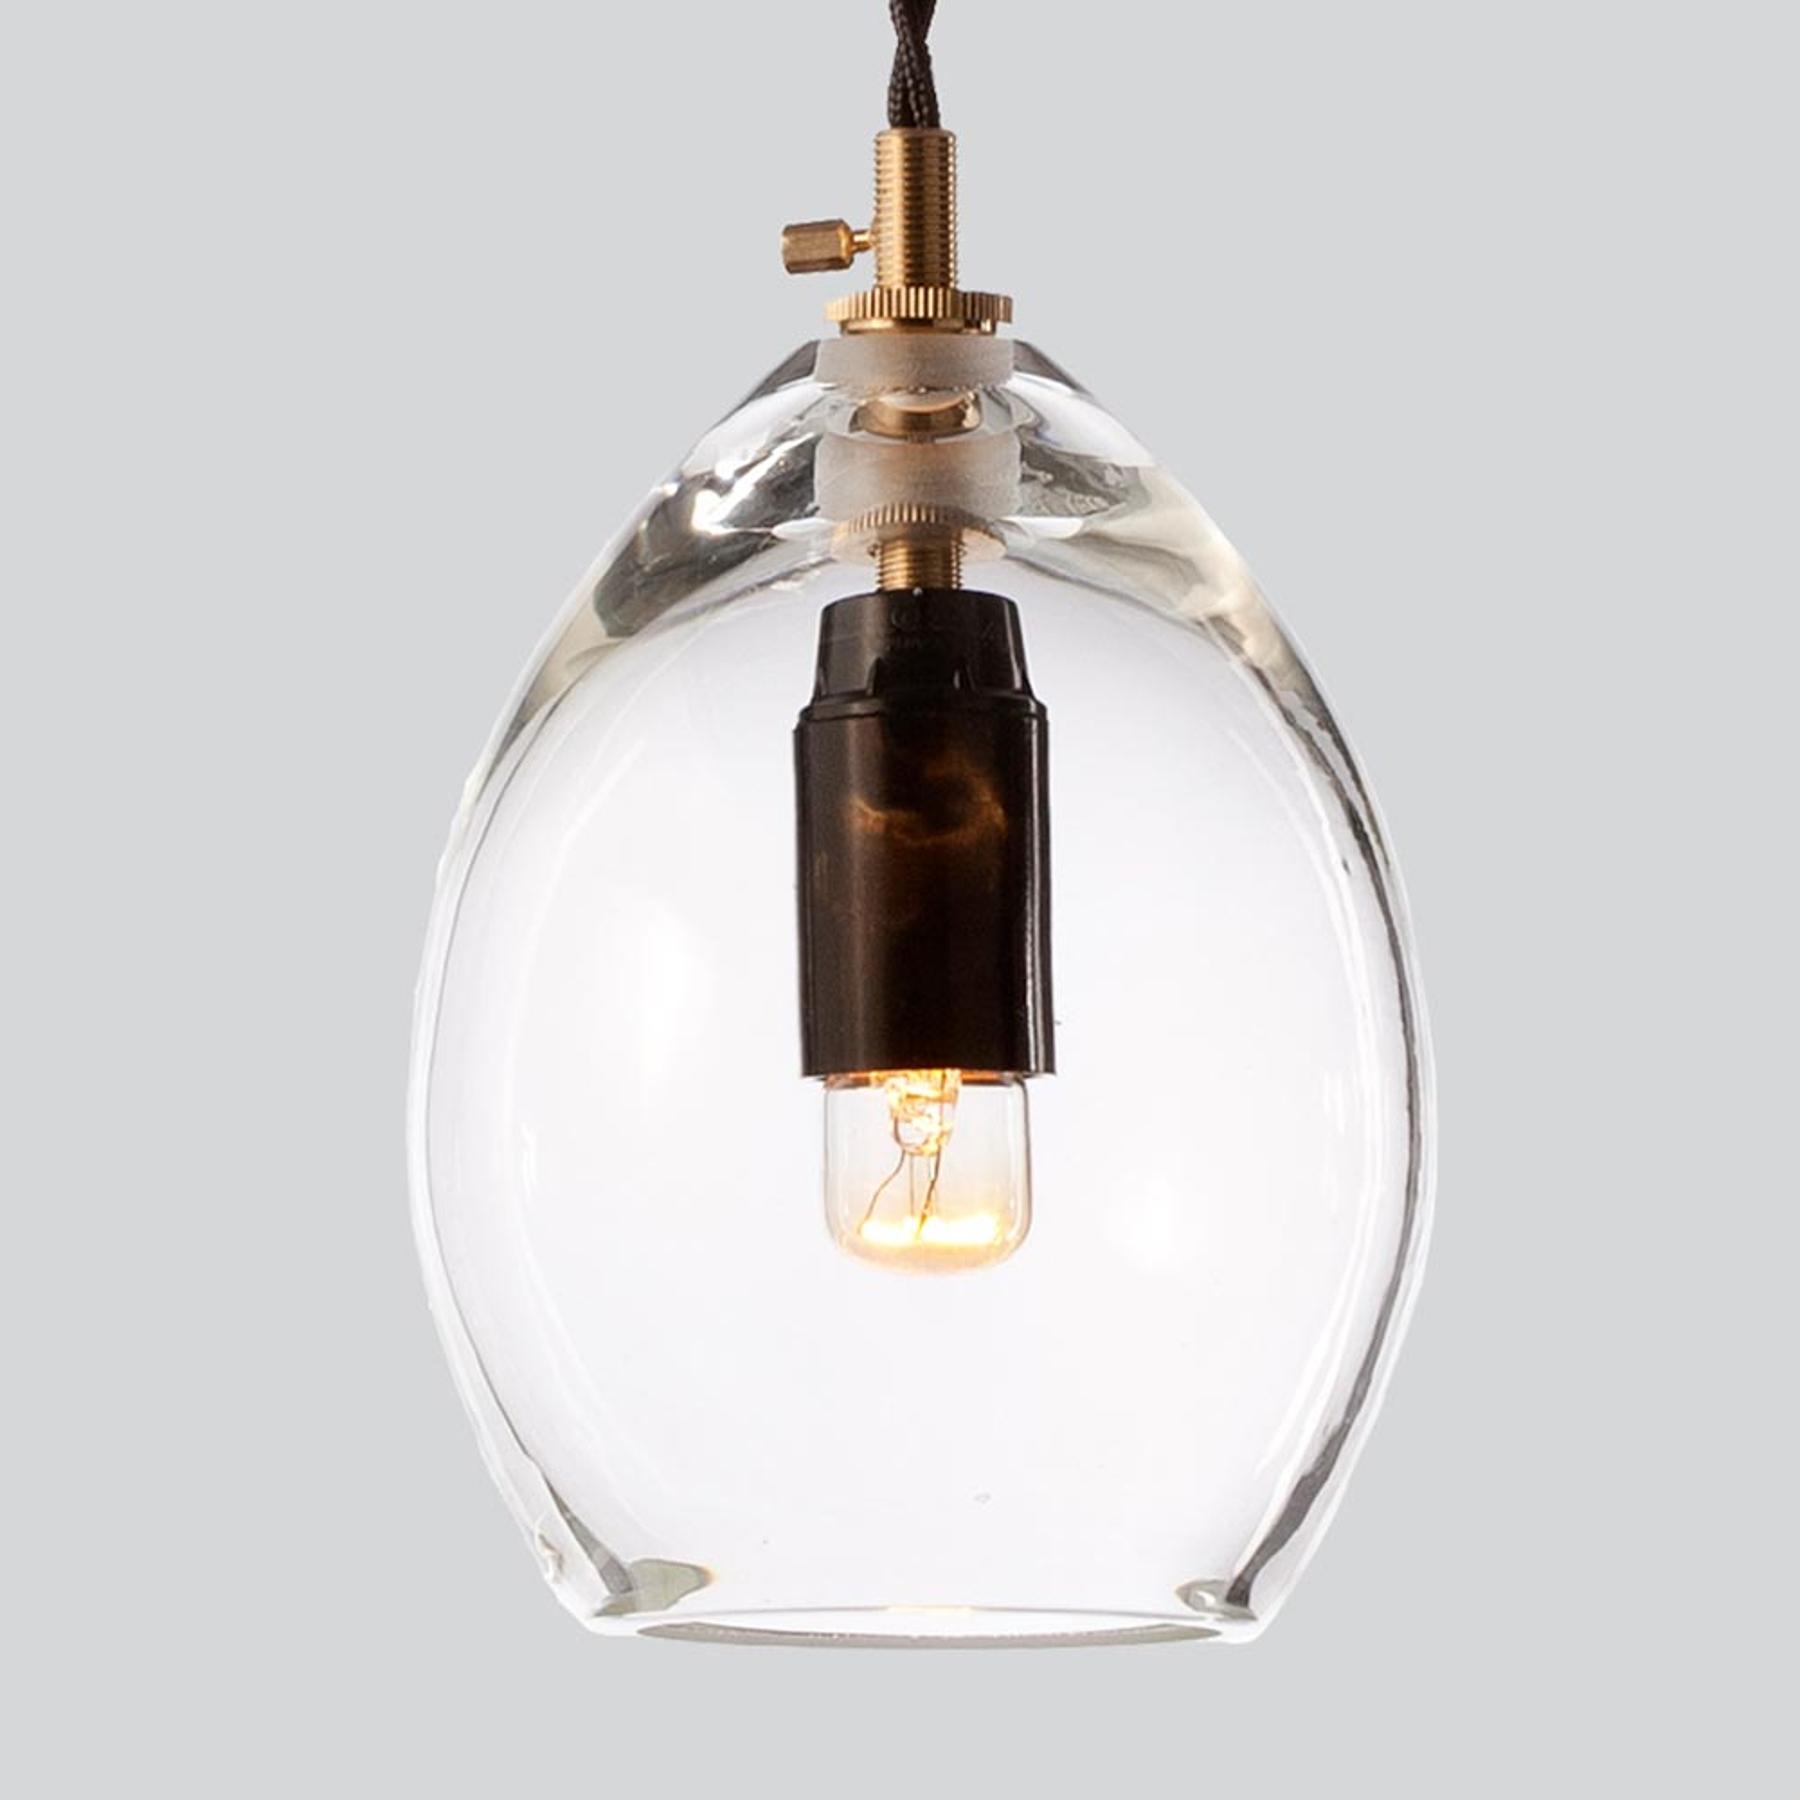 Lampada a sospensione trasparente Unika, 10,5 cm